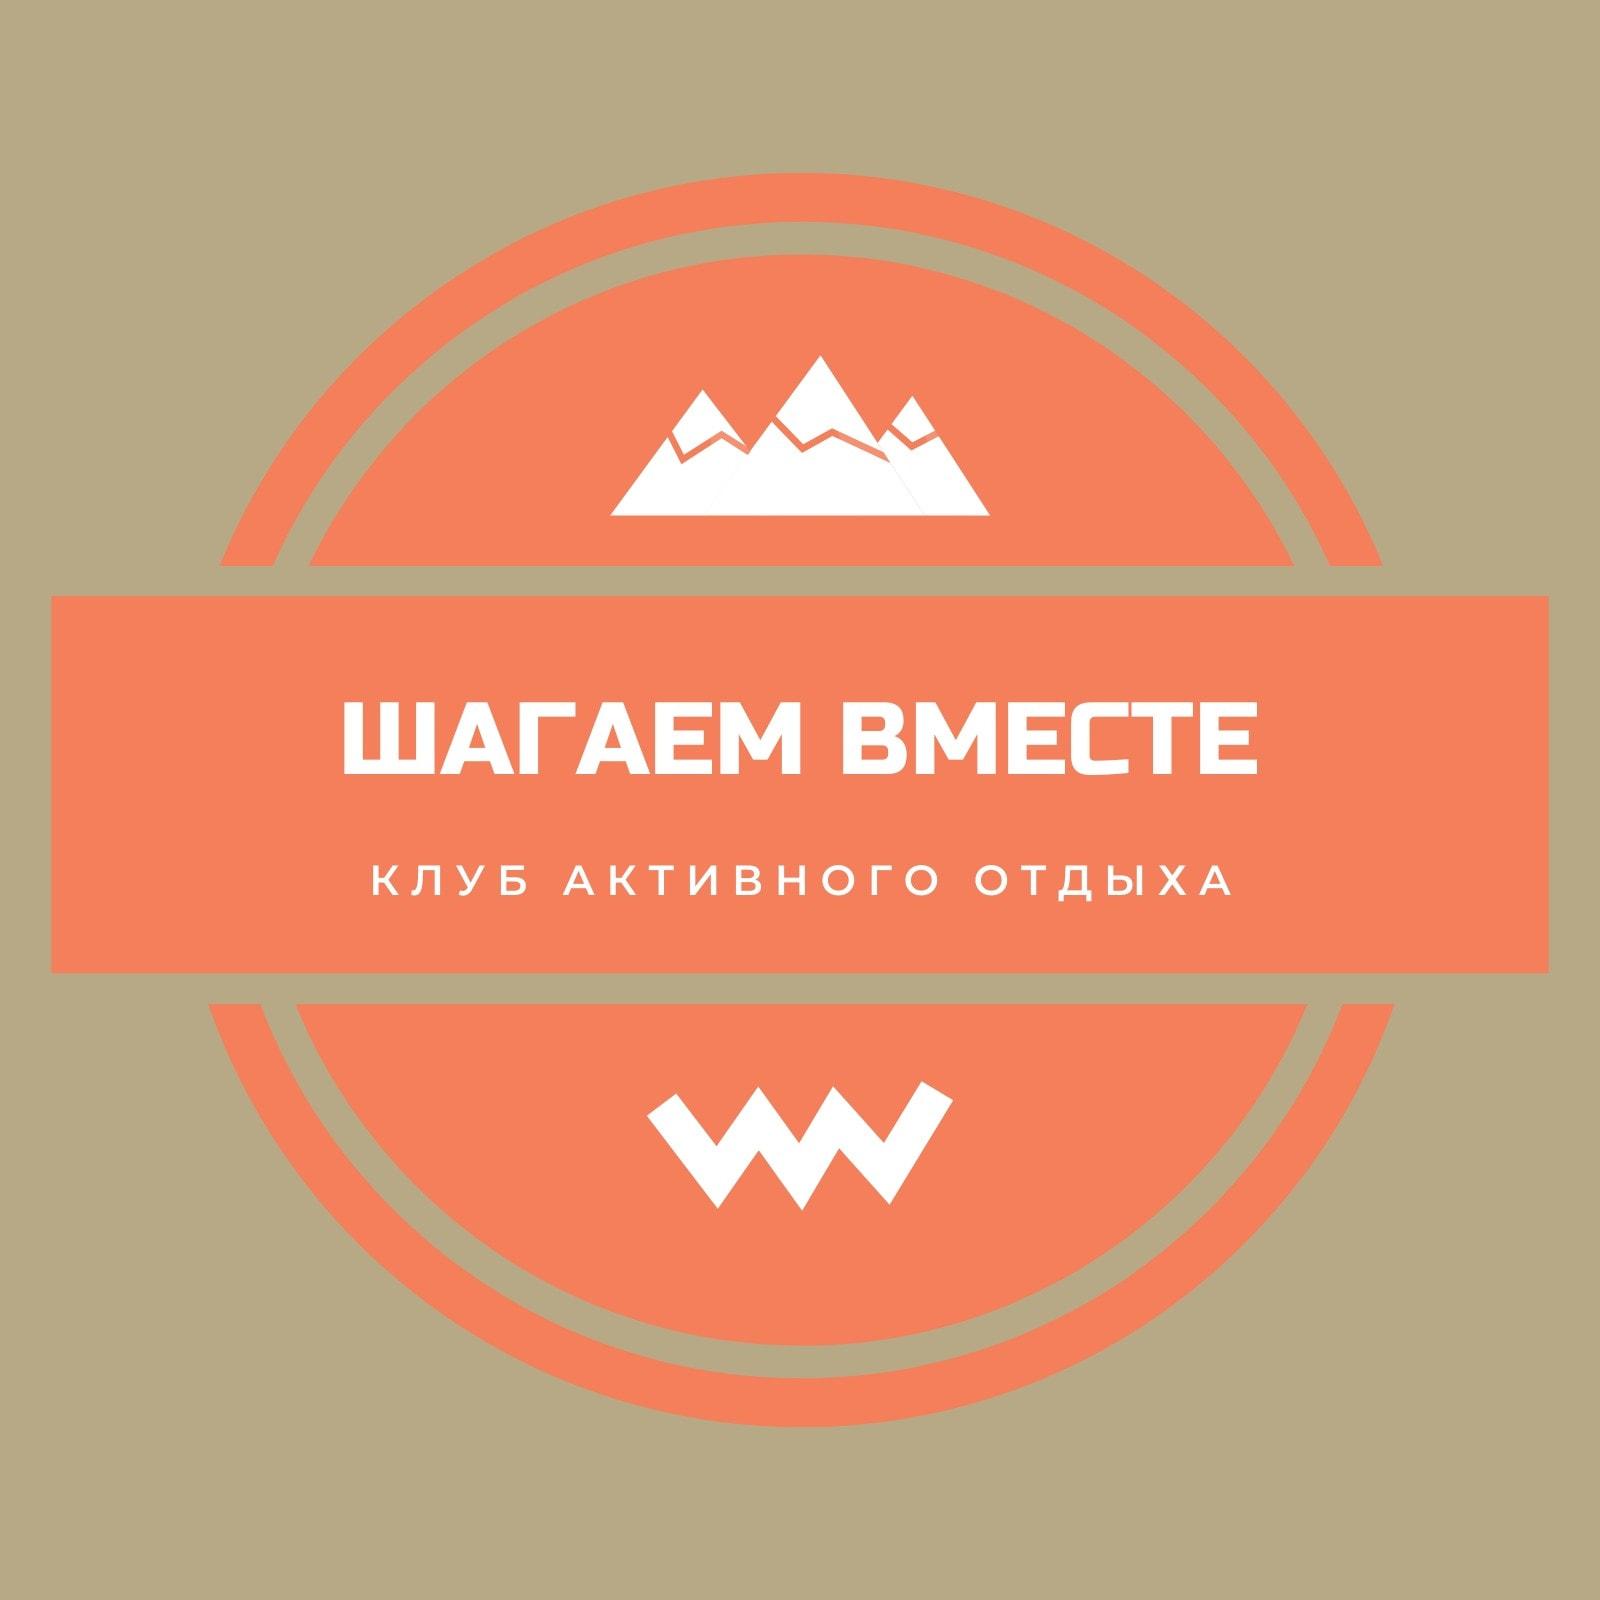 Командное приключение Логотип